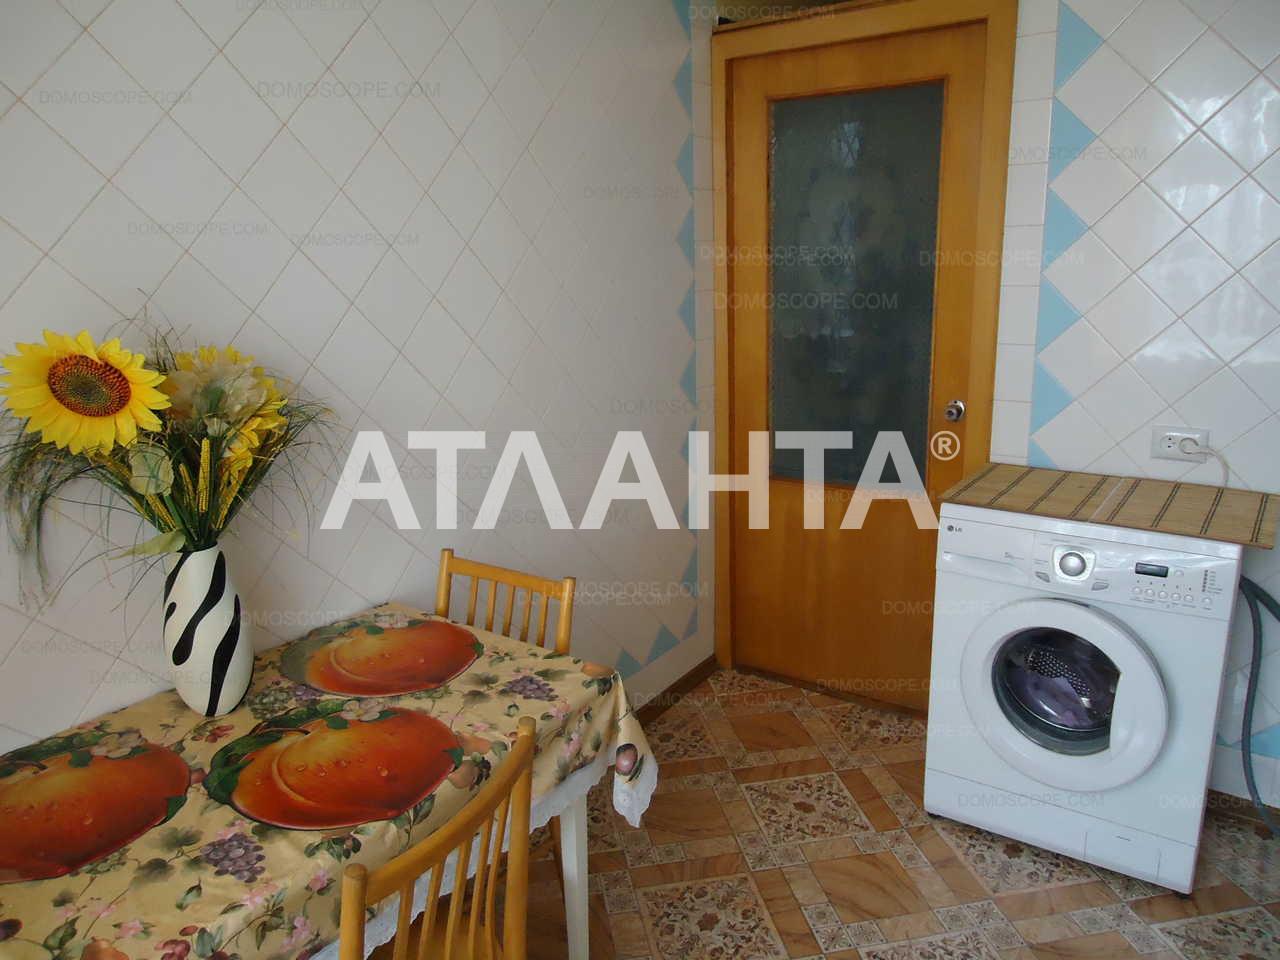 Продается 2-комнатная Квартира на ул. Николаевская Дор. (Котовская Дор.) — 40 000 у.е. (фото №5)